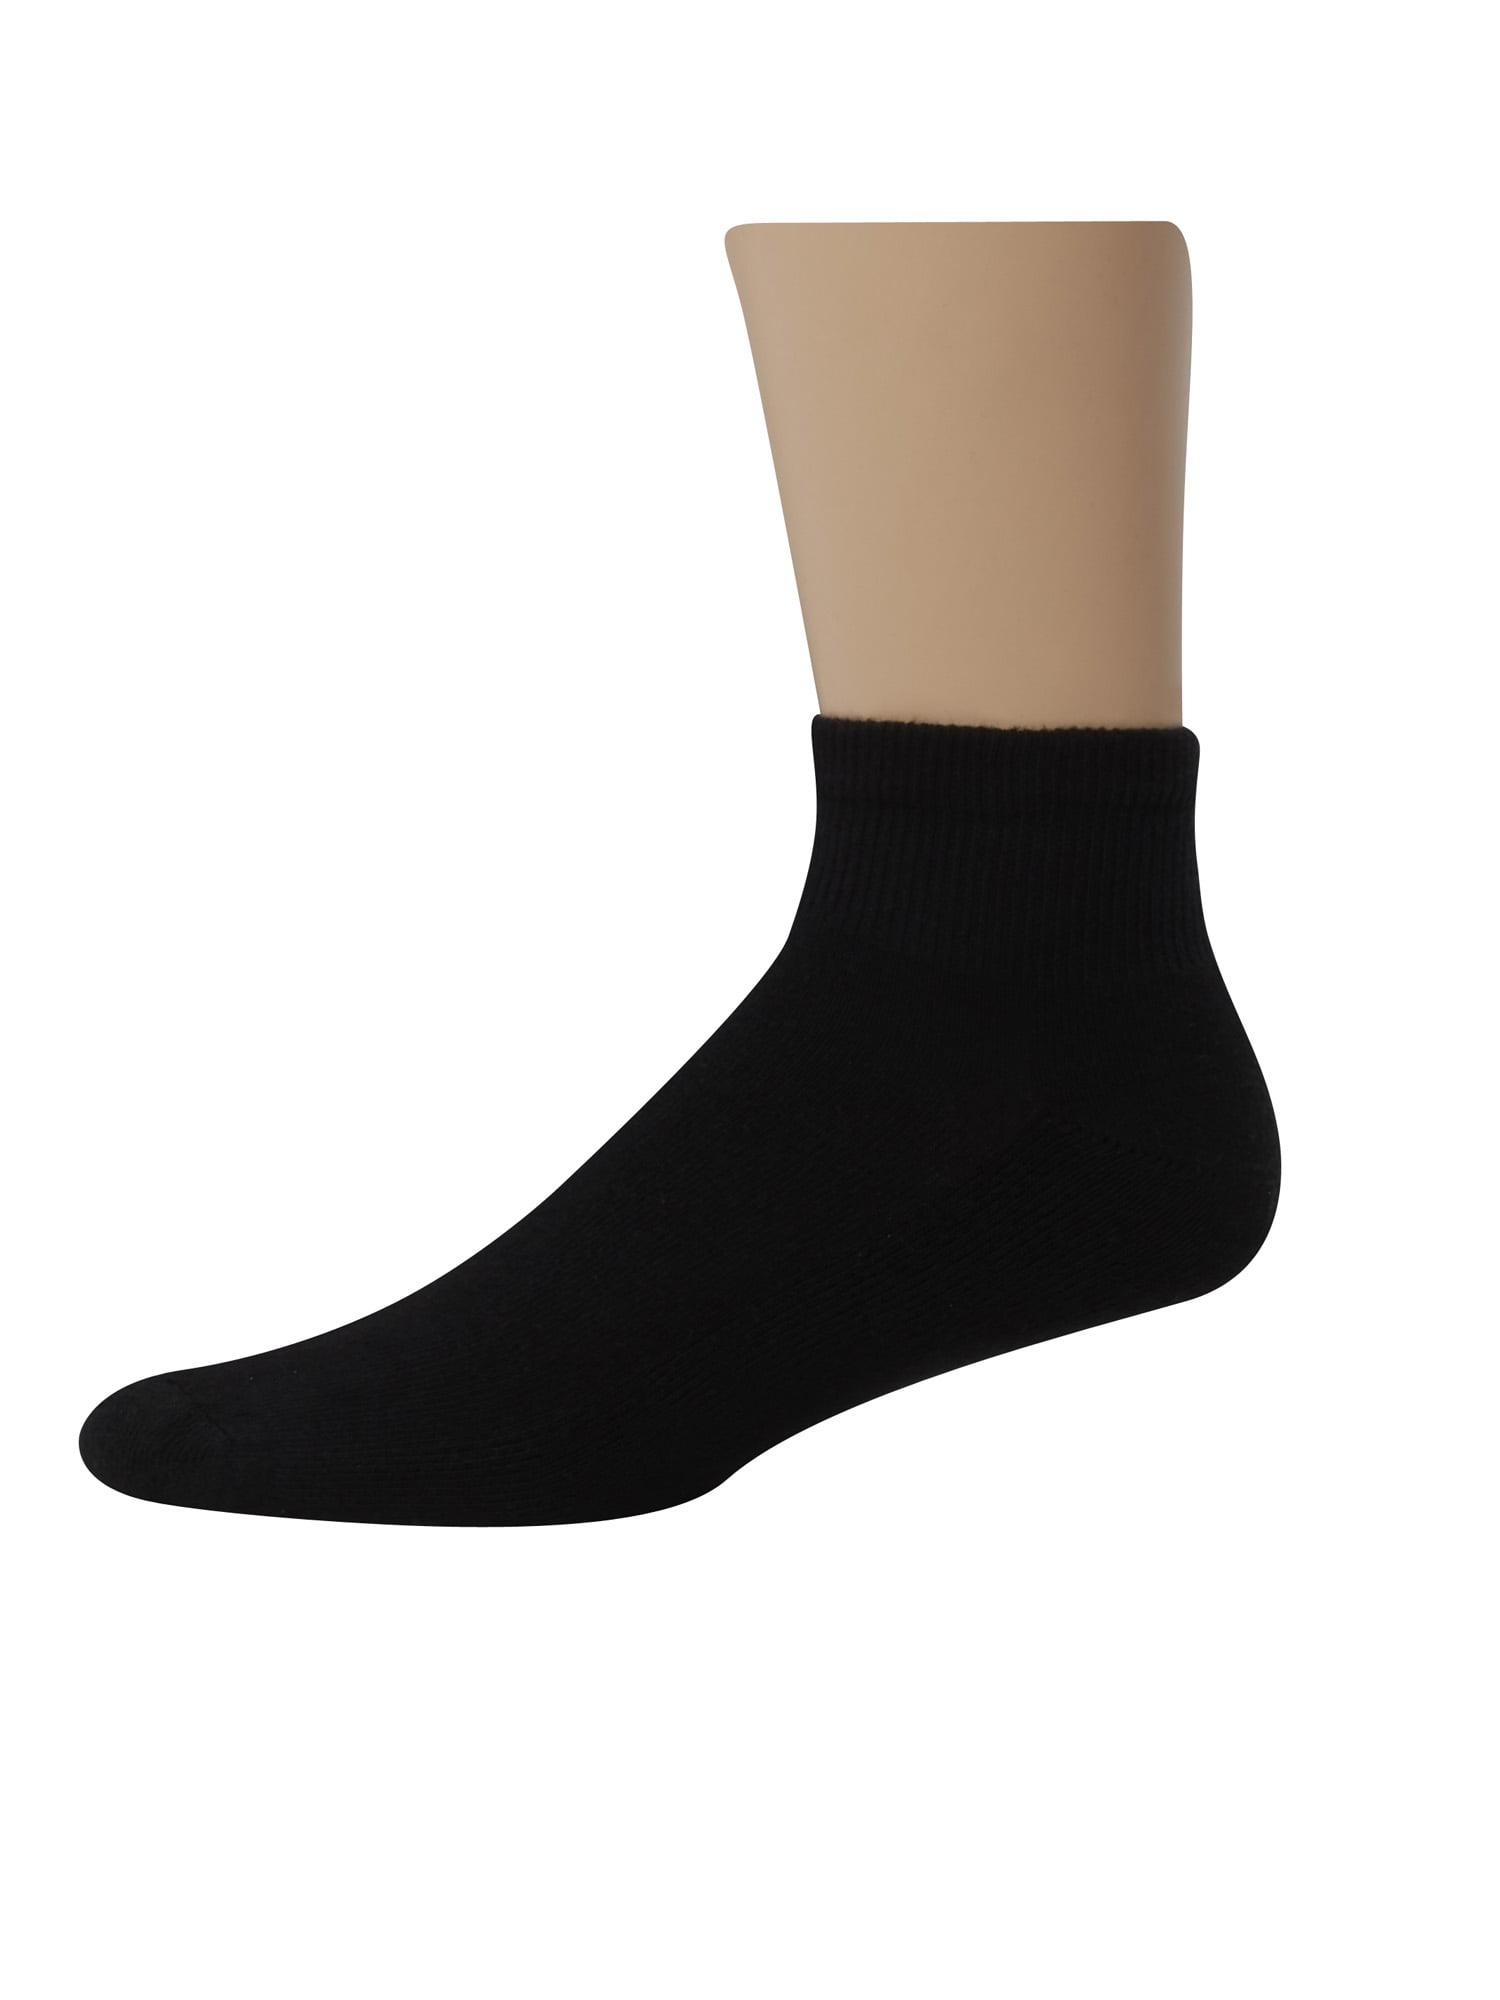 Men's Big & Tall X-Temp Ankle Socks, 12 Pack